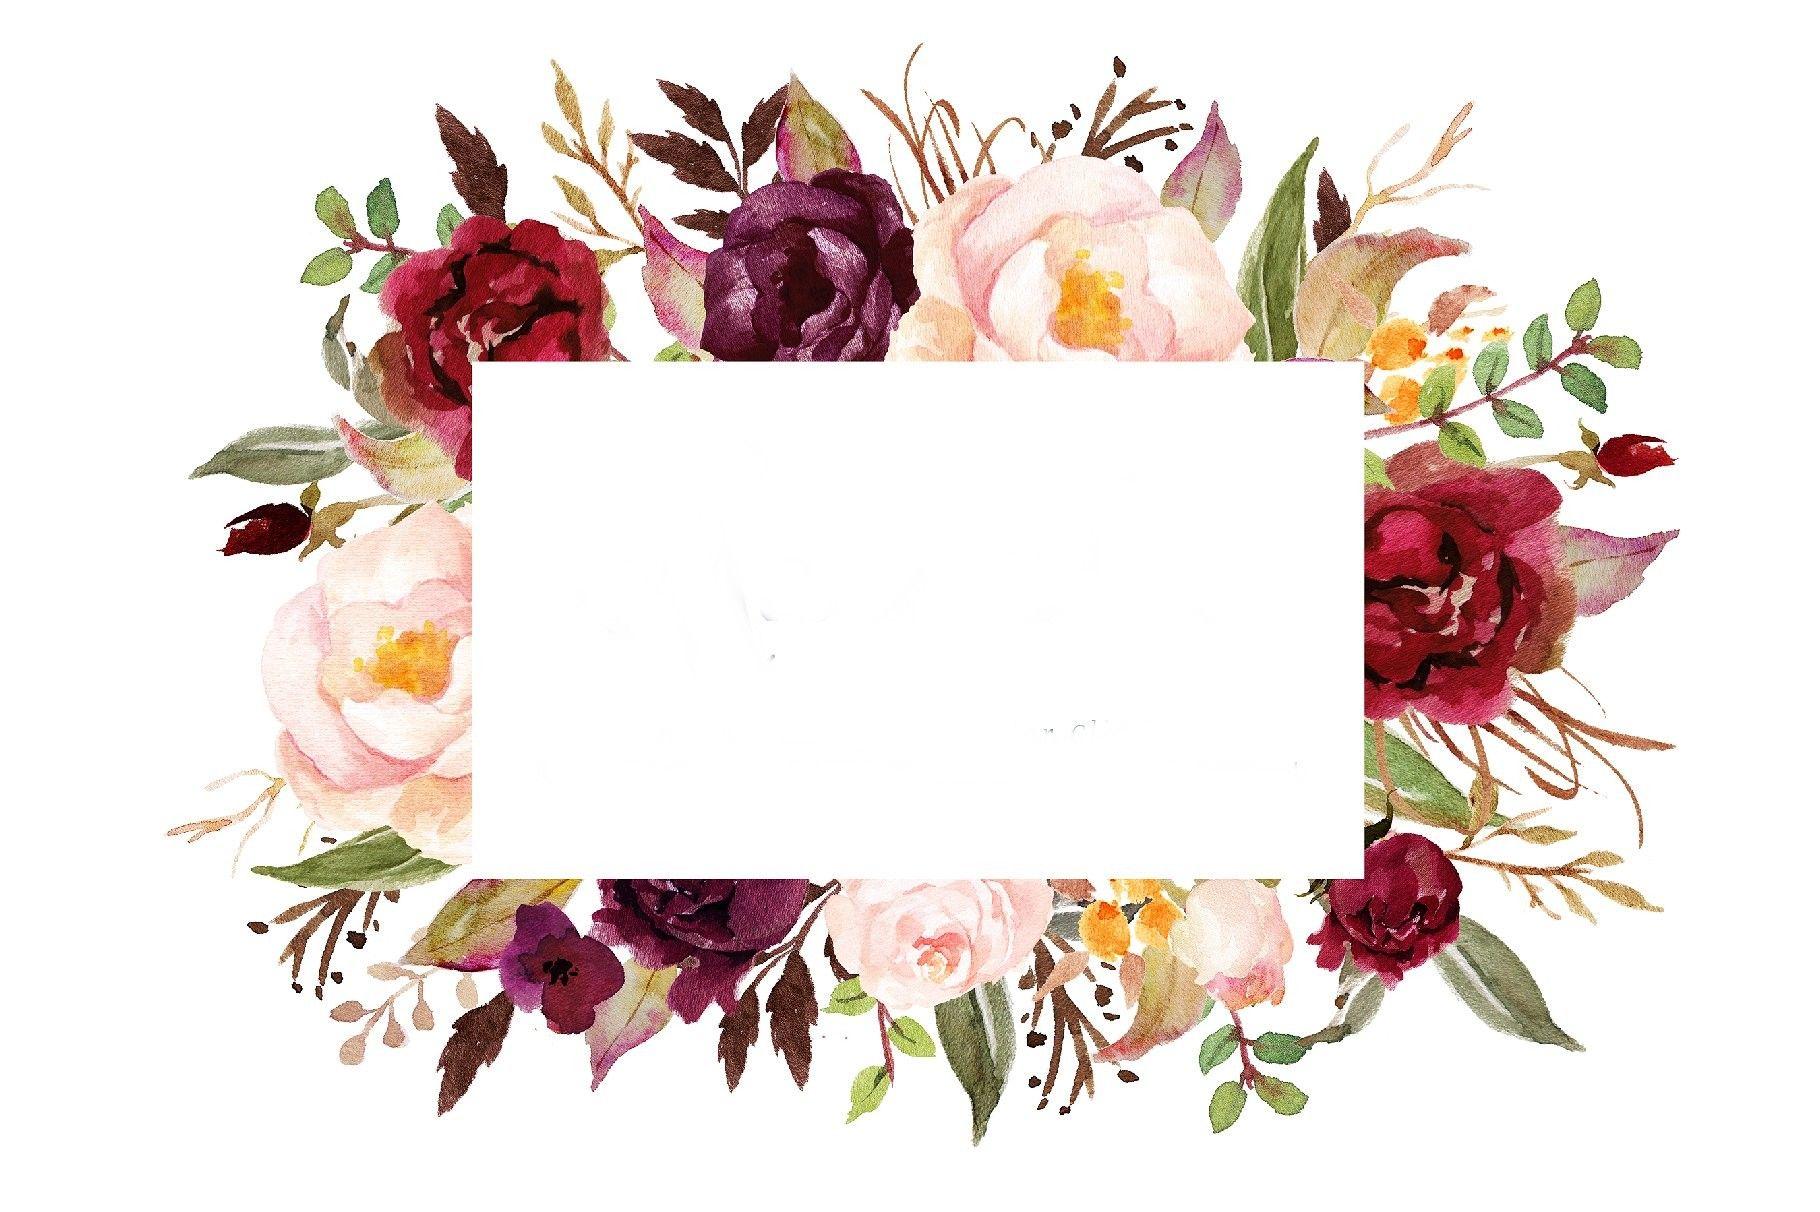 Pin de rosinei leite em 15 anos em 2019 fundos fundo - High resolution watercolor flowers ...